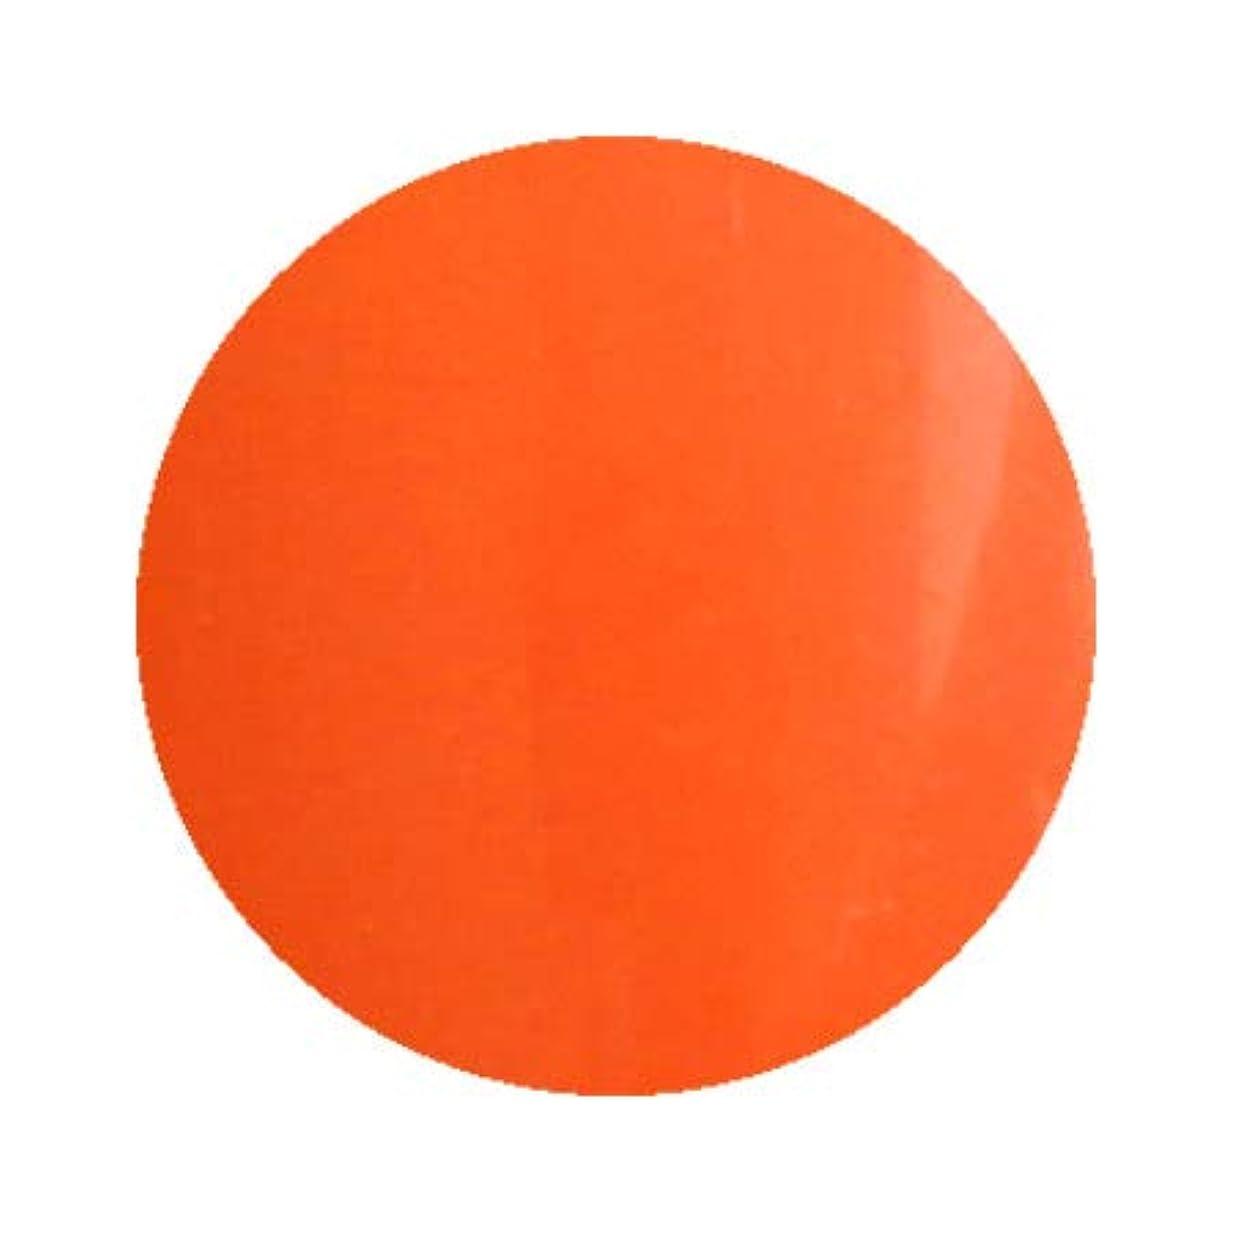 差別する処方する市長Inity アイニティ ハイエンドカラー OR-03M サーモンオレンジ 3g